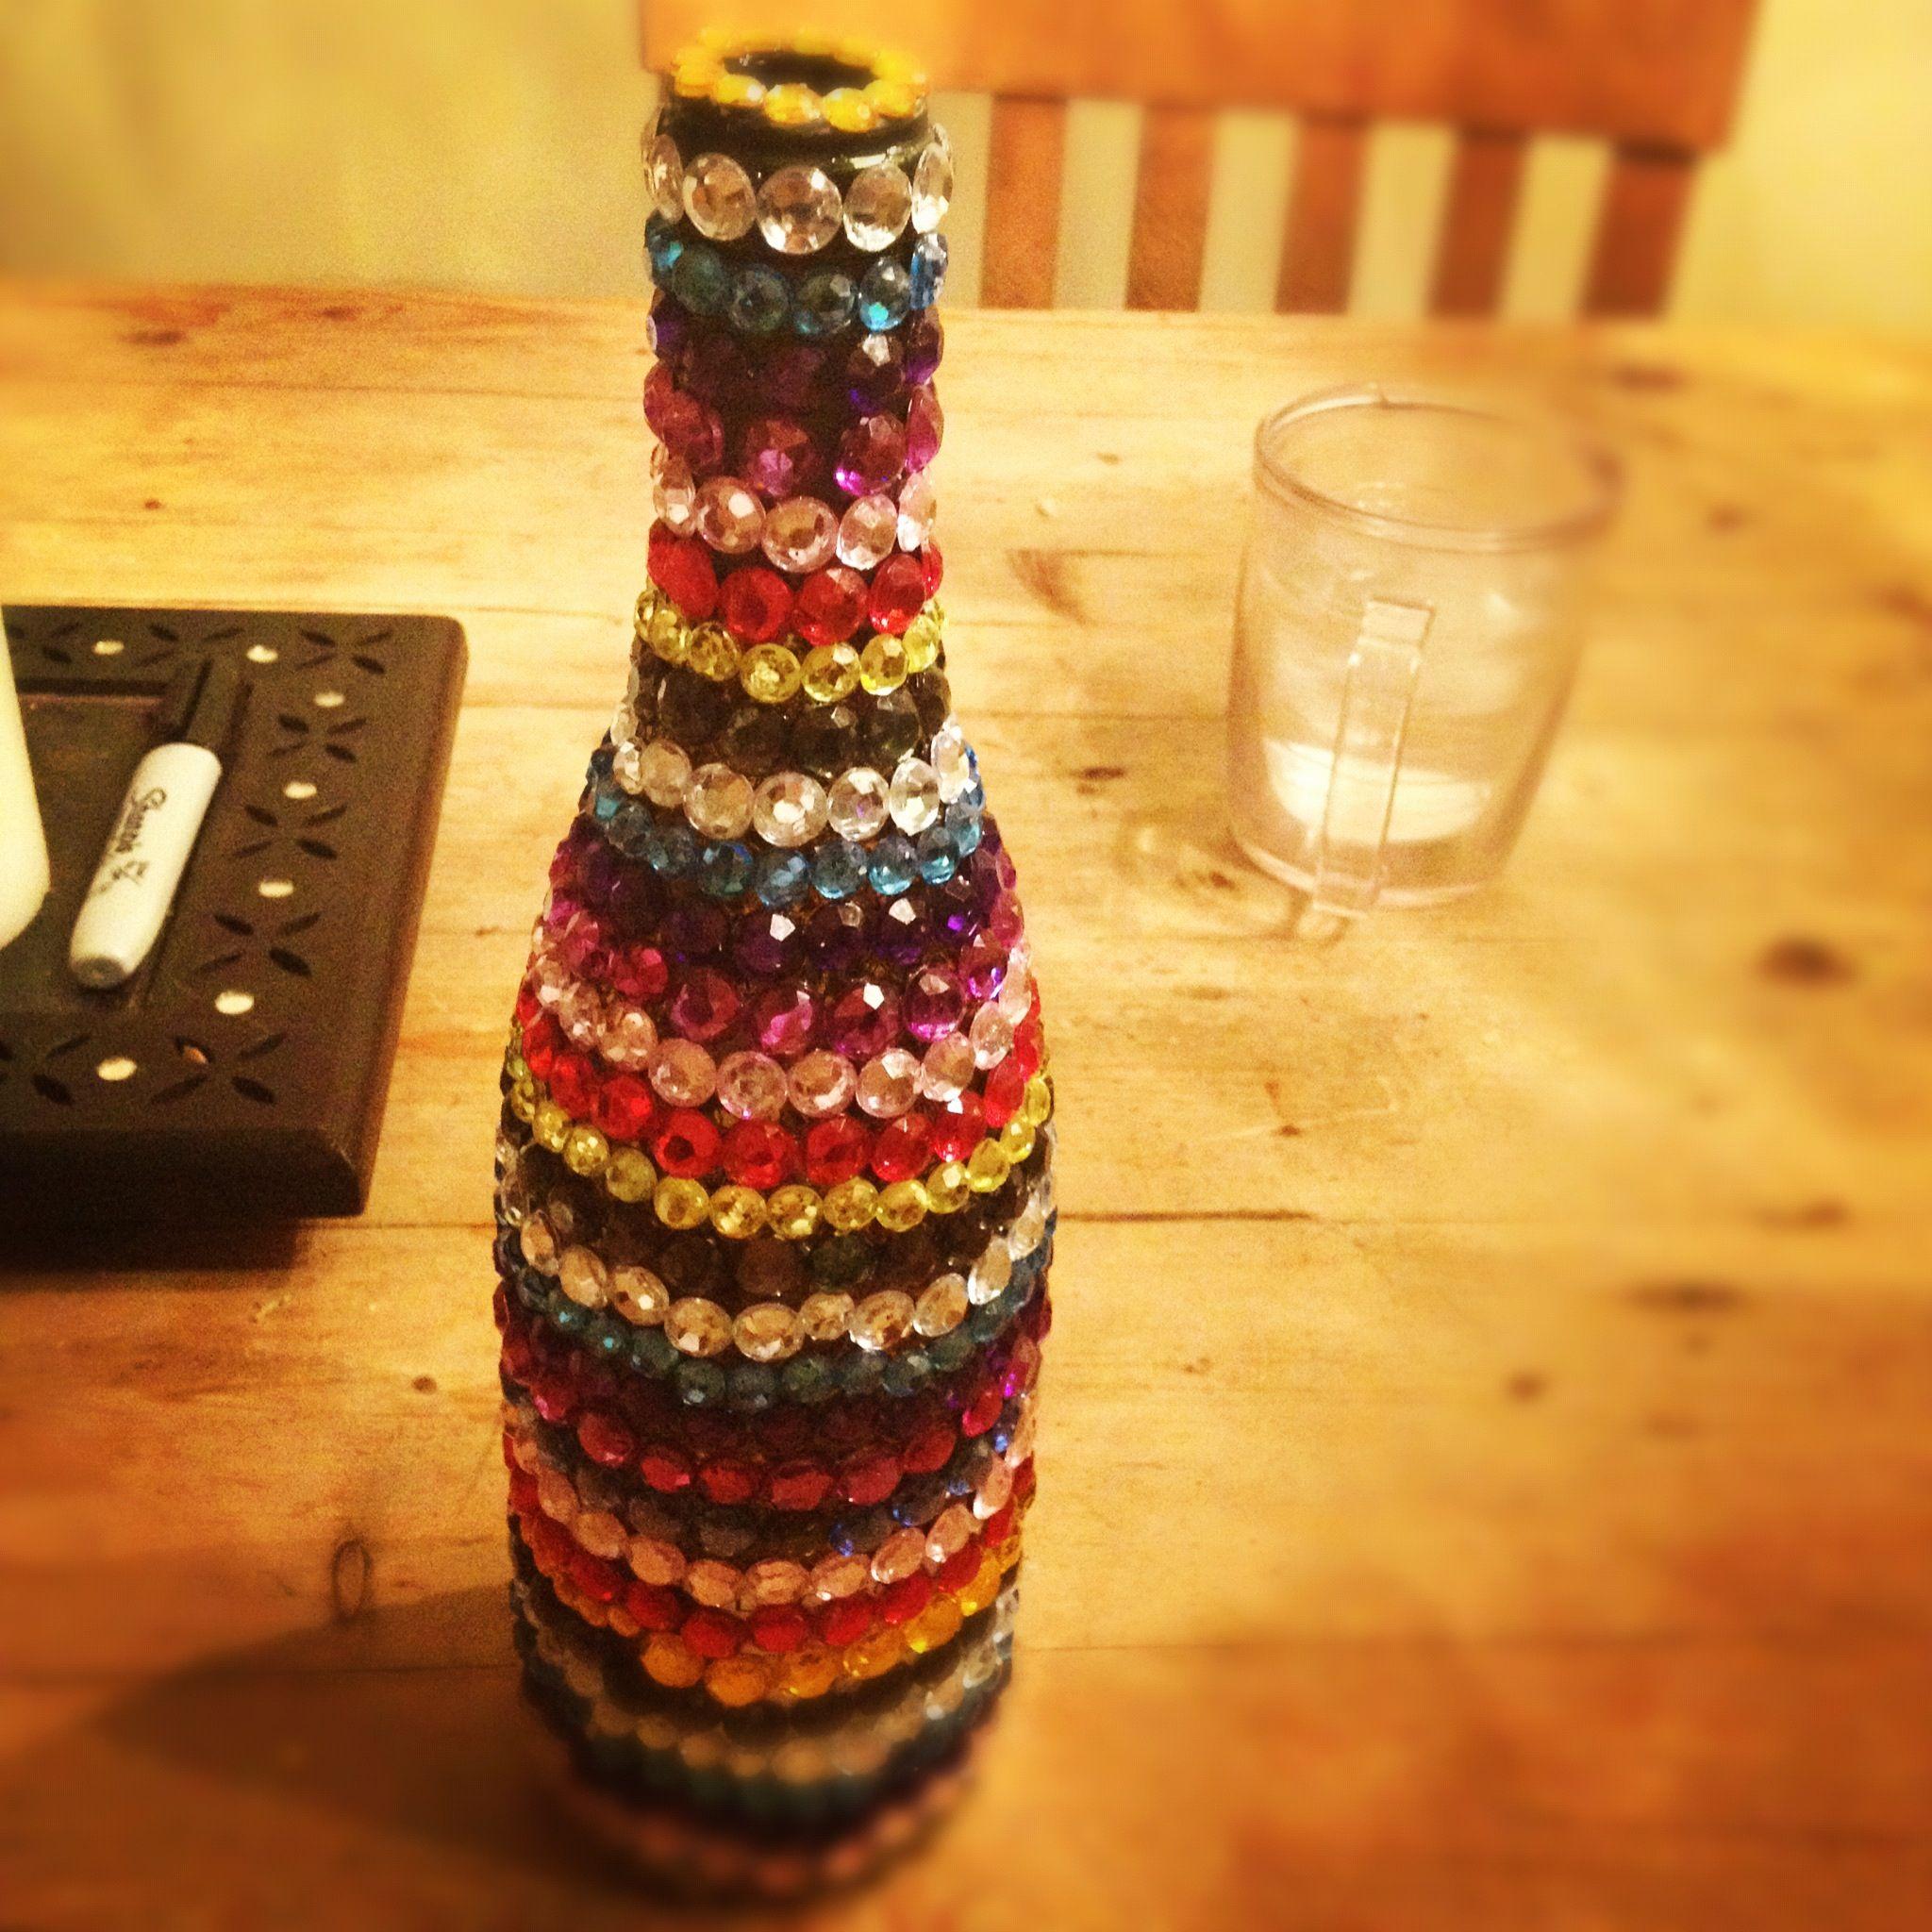 Wine bottle crafts diy crafts pinterest for Diy wine bottle crafts pinterest